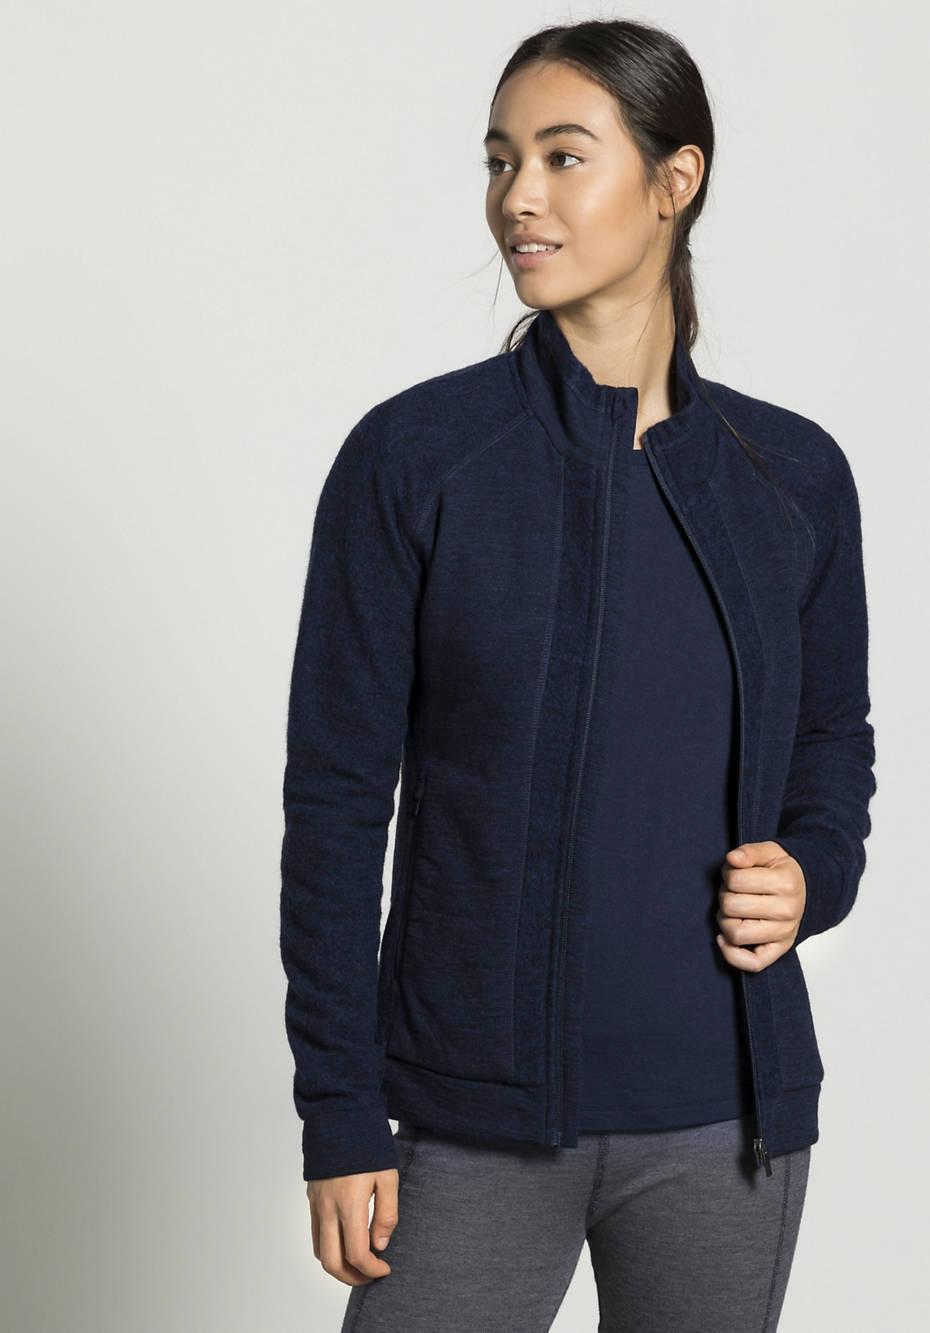 Leichte Wollfleece Jacke für Damen aus reiner Bio-Merinowolle